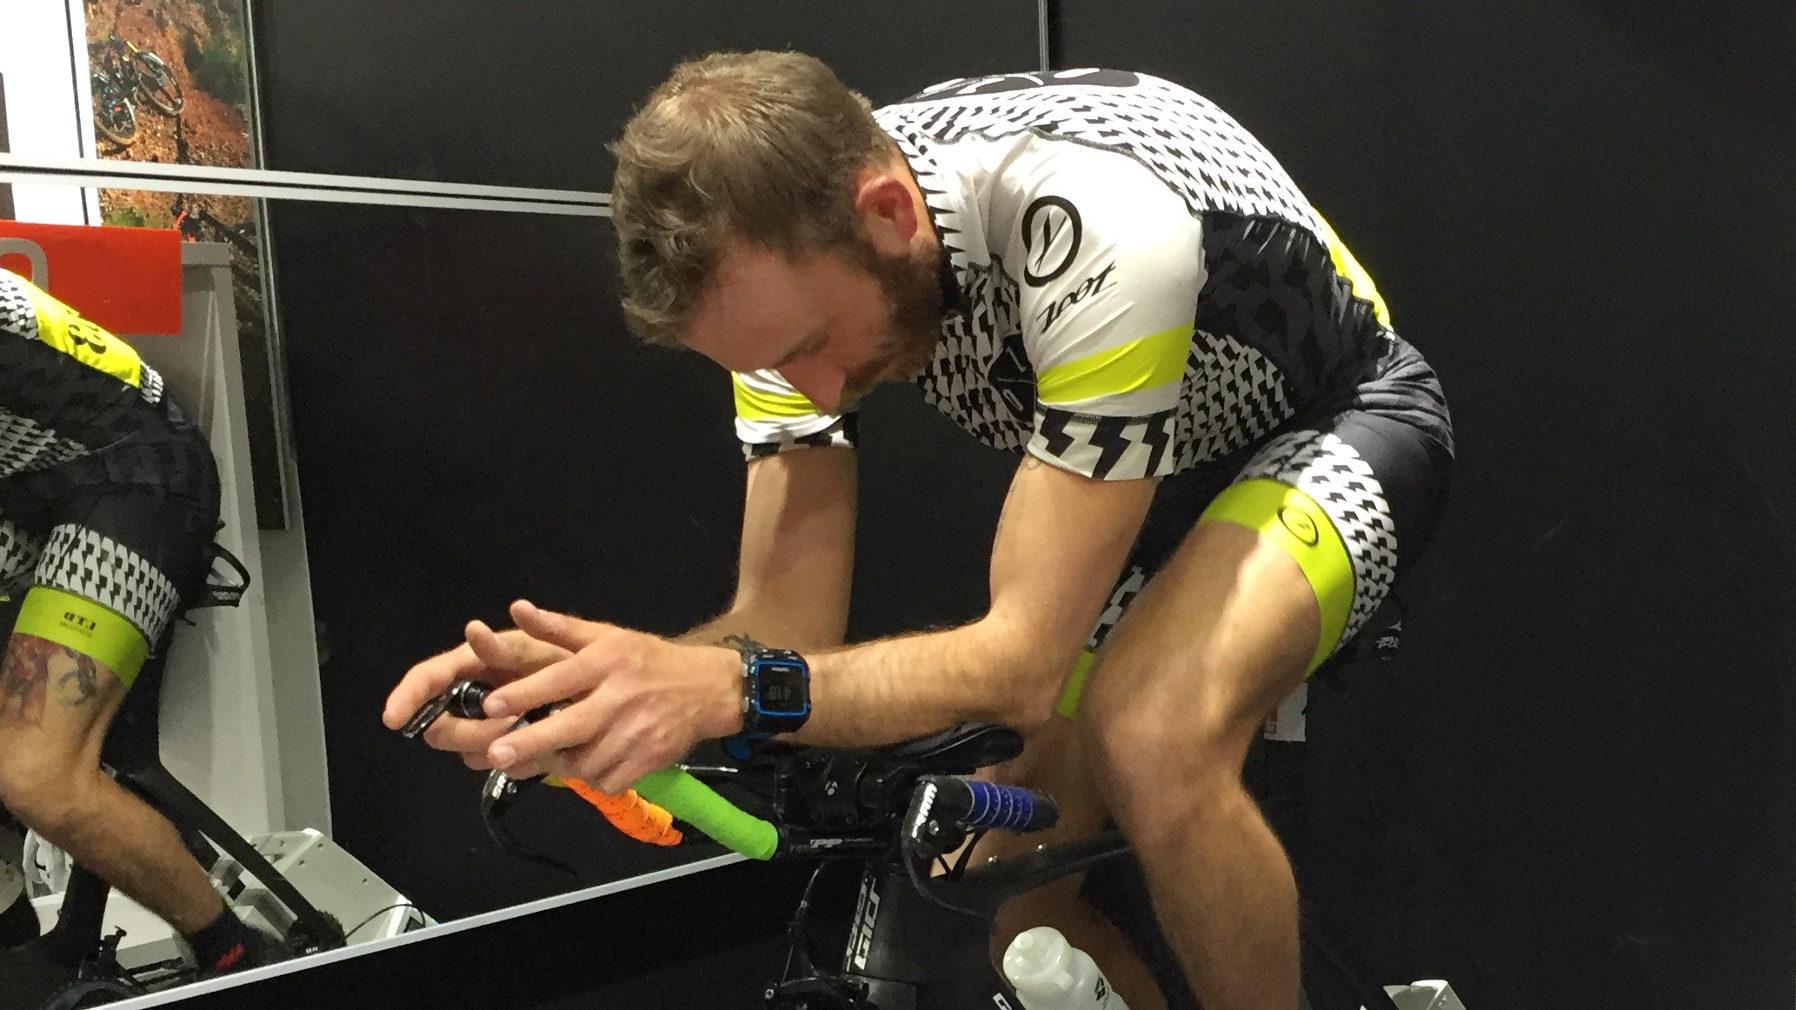 Etude Posturale Bikefit ironaman triathlon route